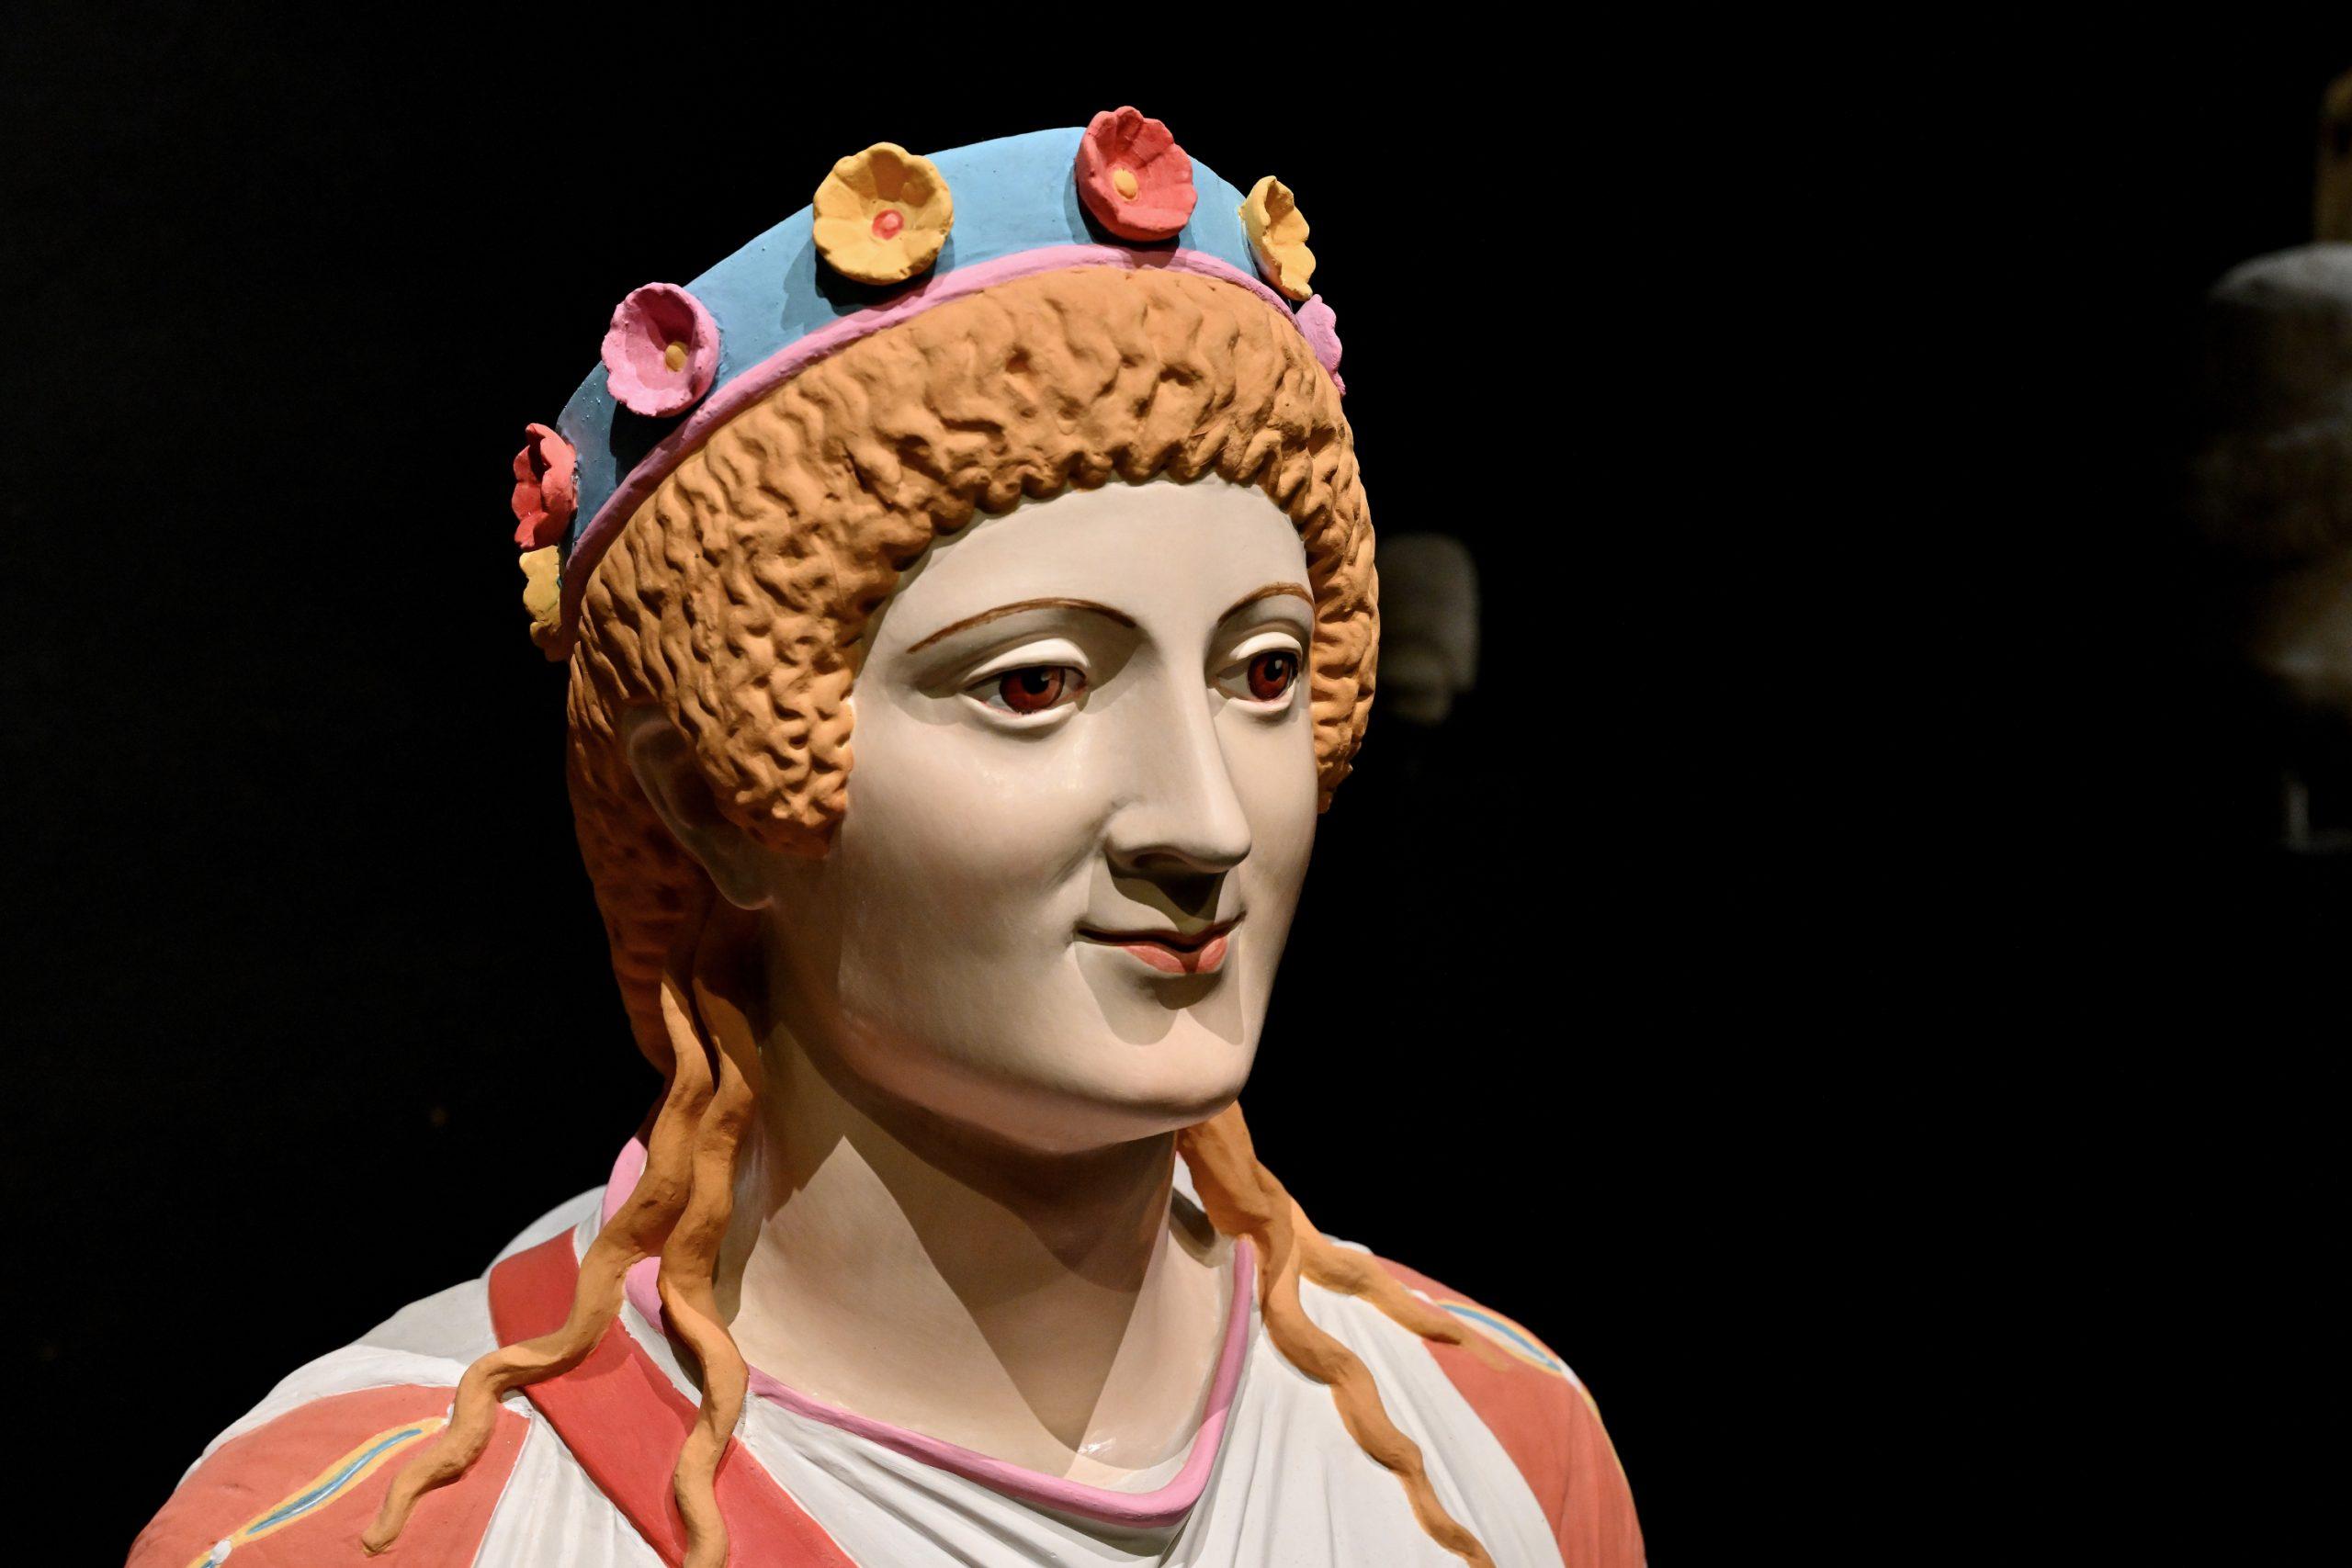 Statue der Göttin Artemis, sog. Winckelmann-Artemis, aus Pompeji.